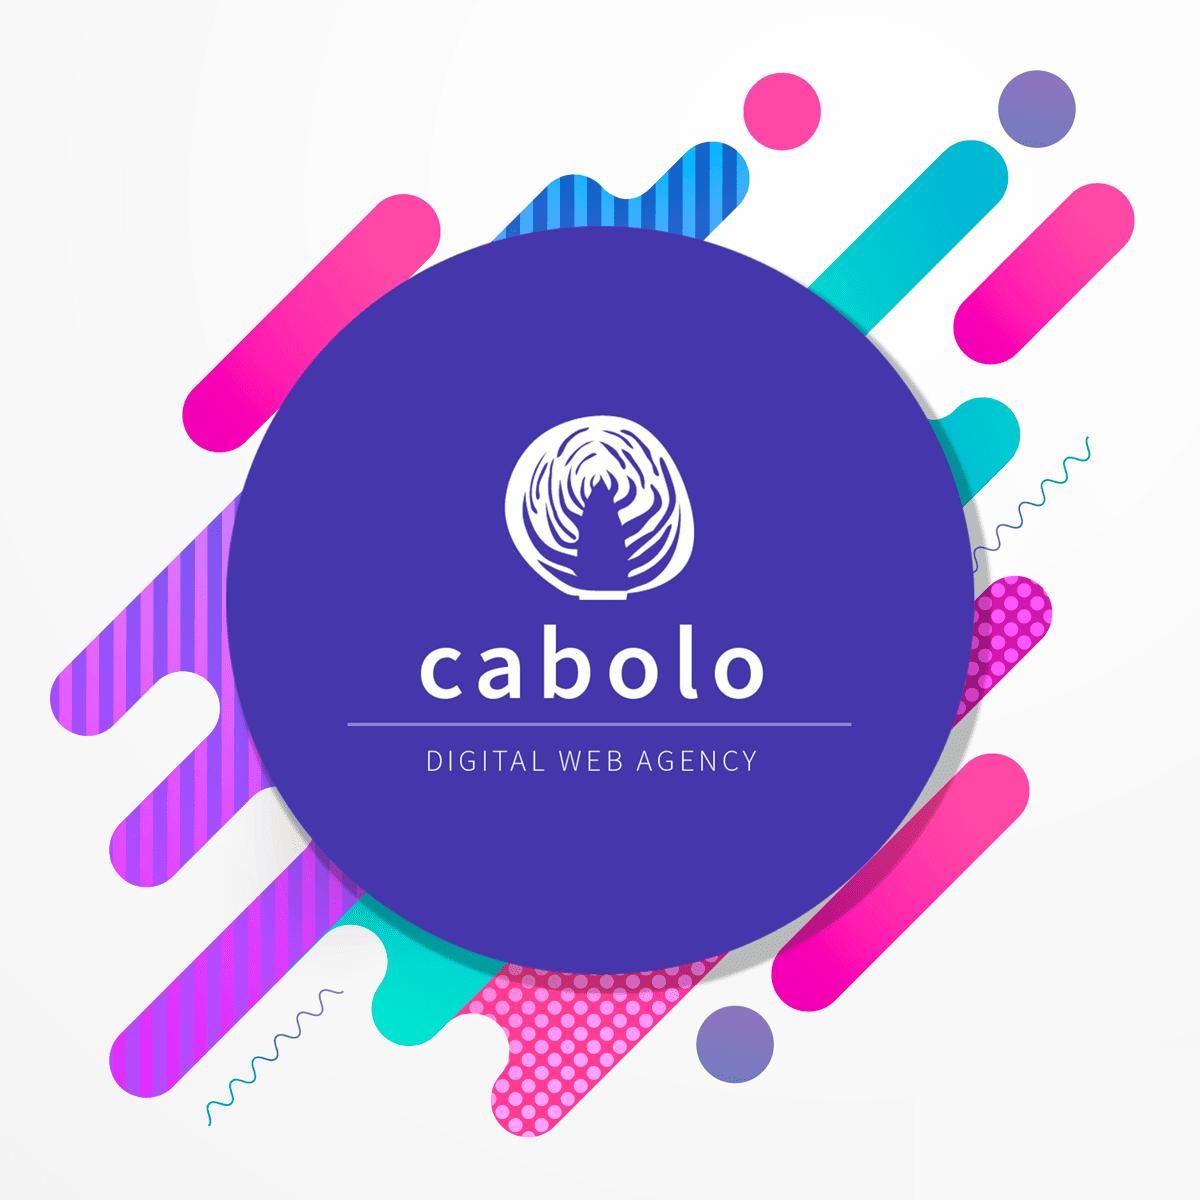 Richiedi un preventivo sito internet - Web Agency Cabolo